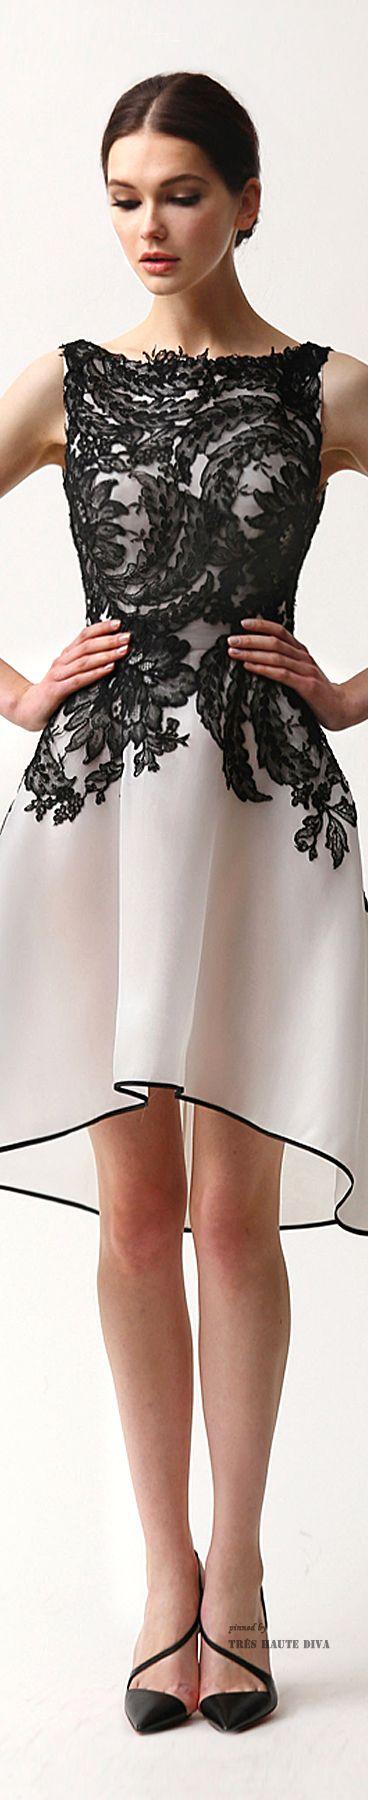 Inspiração para transformar um vestido básico, cobrindo-o parcialmente com renda.